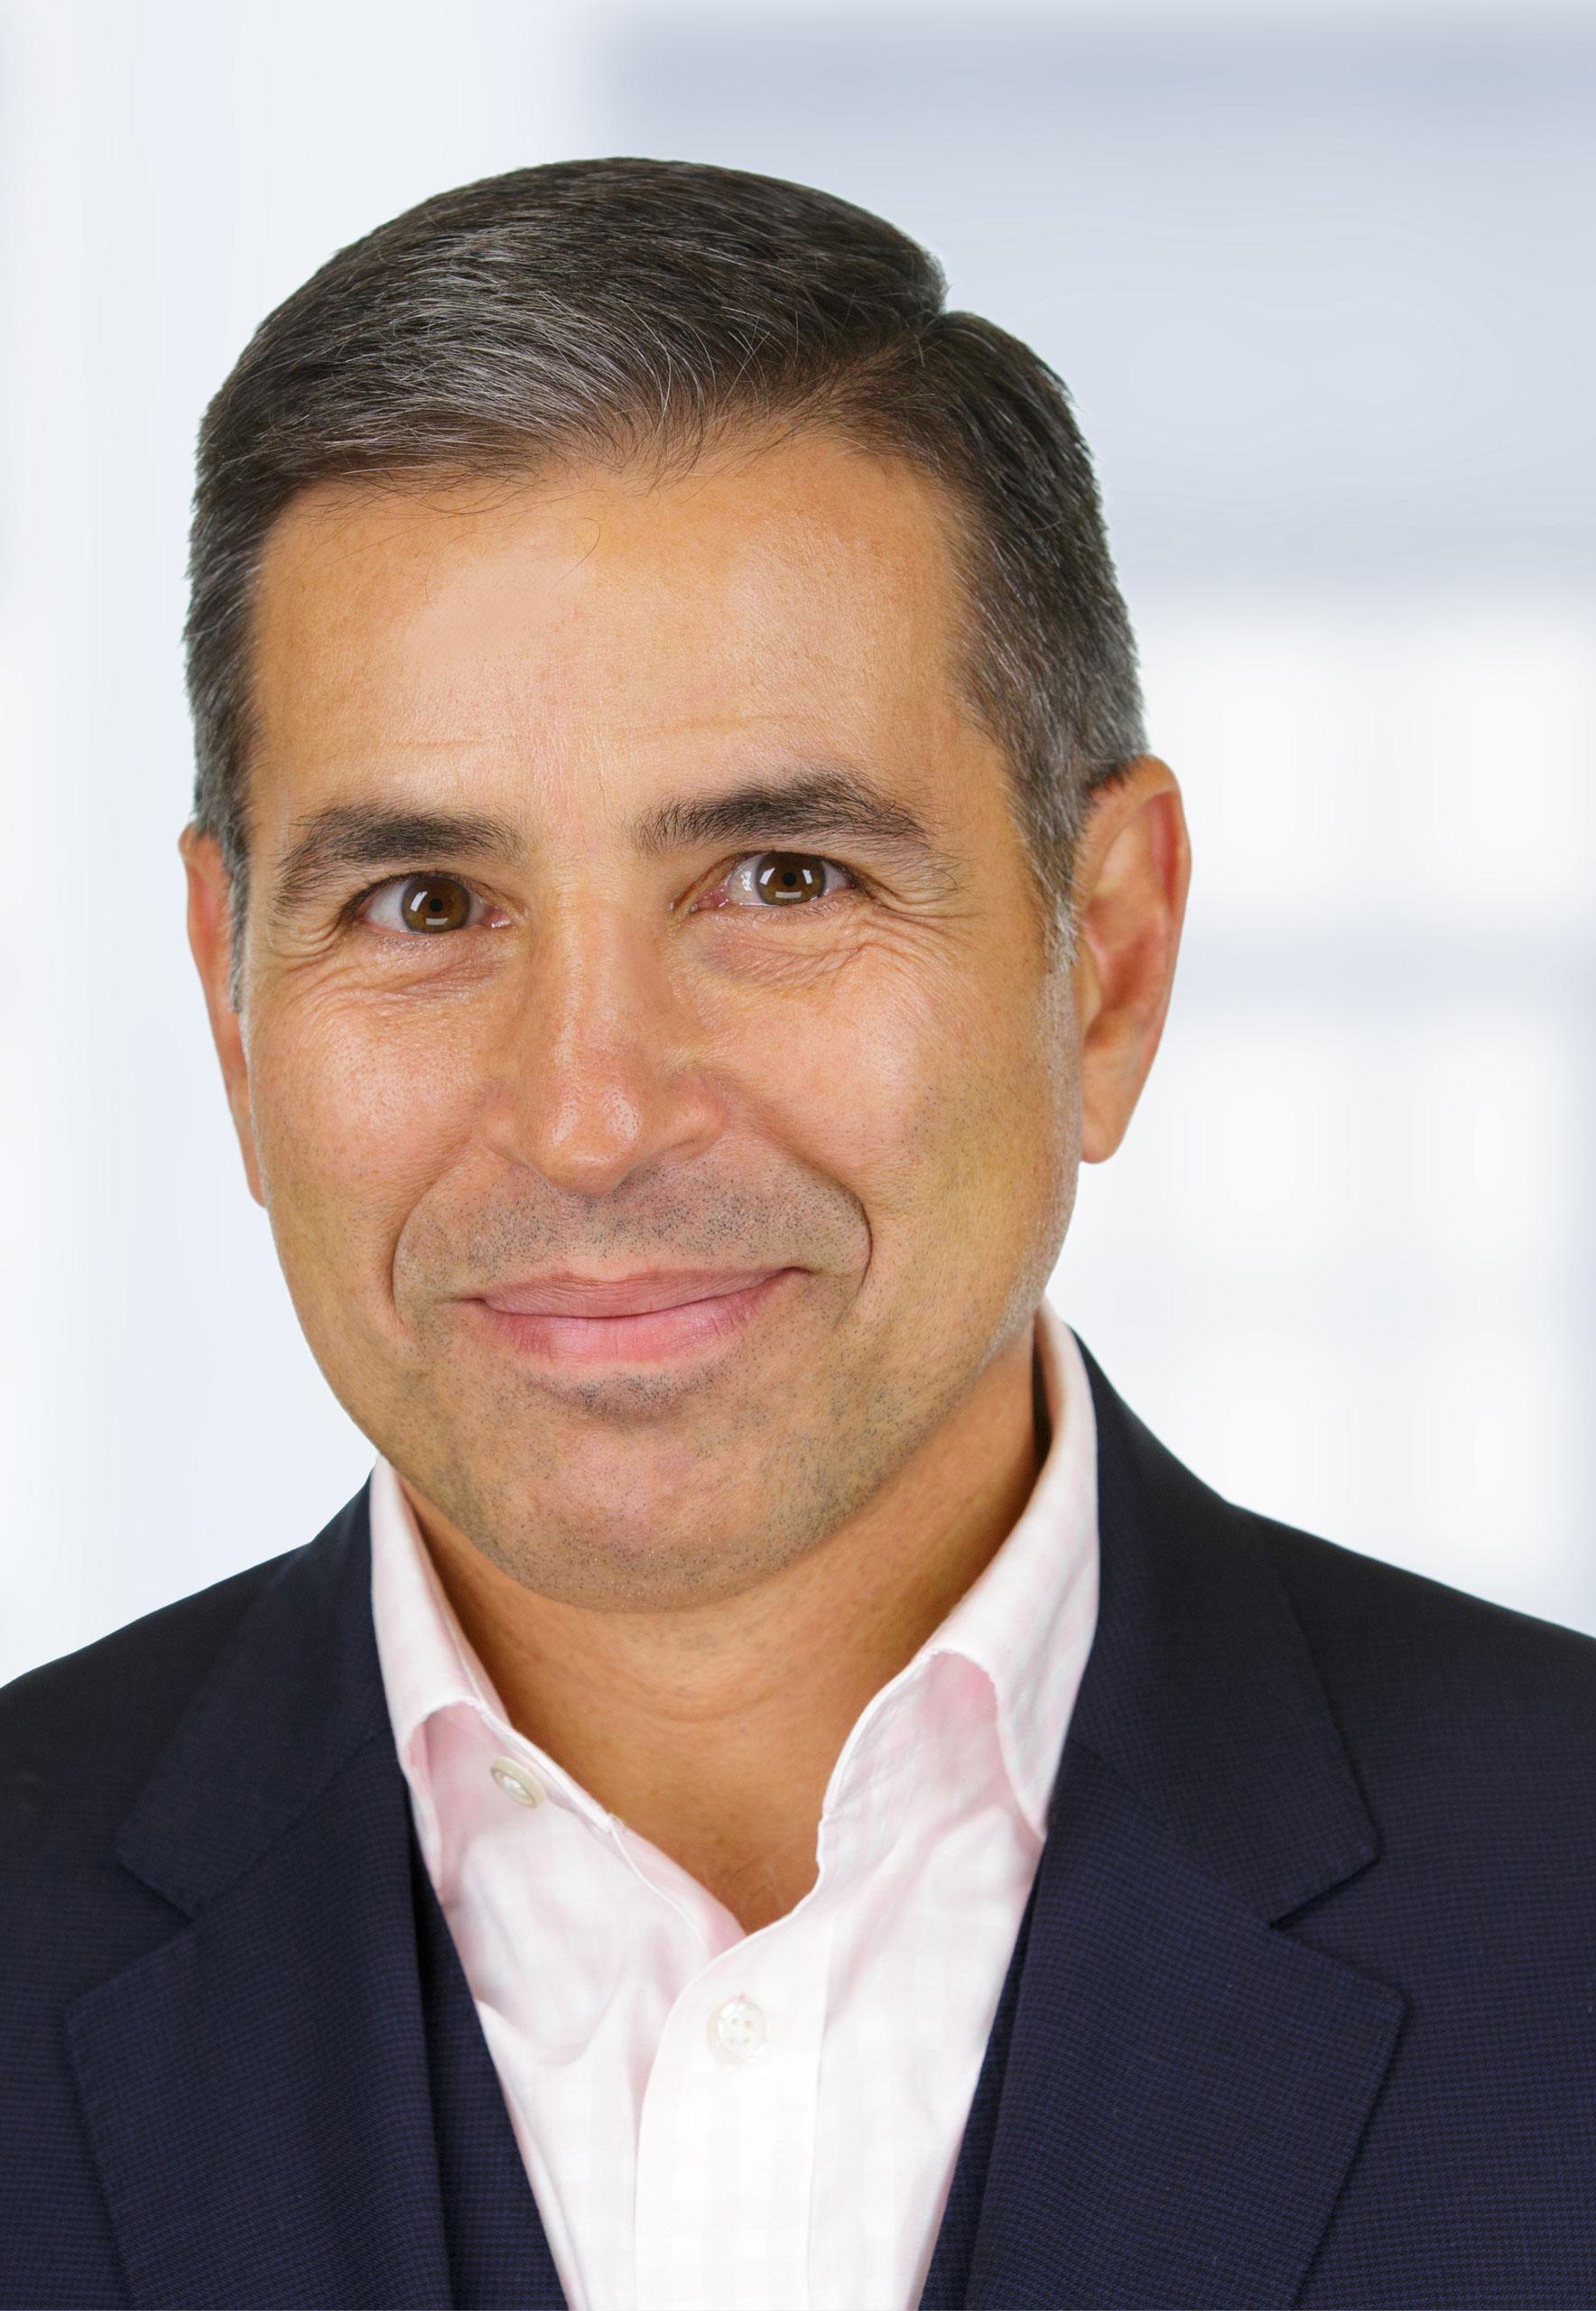 John Rumpakis, OD, MBA